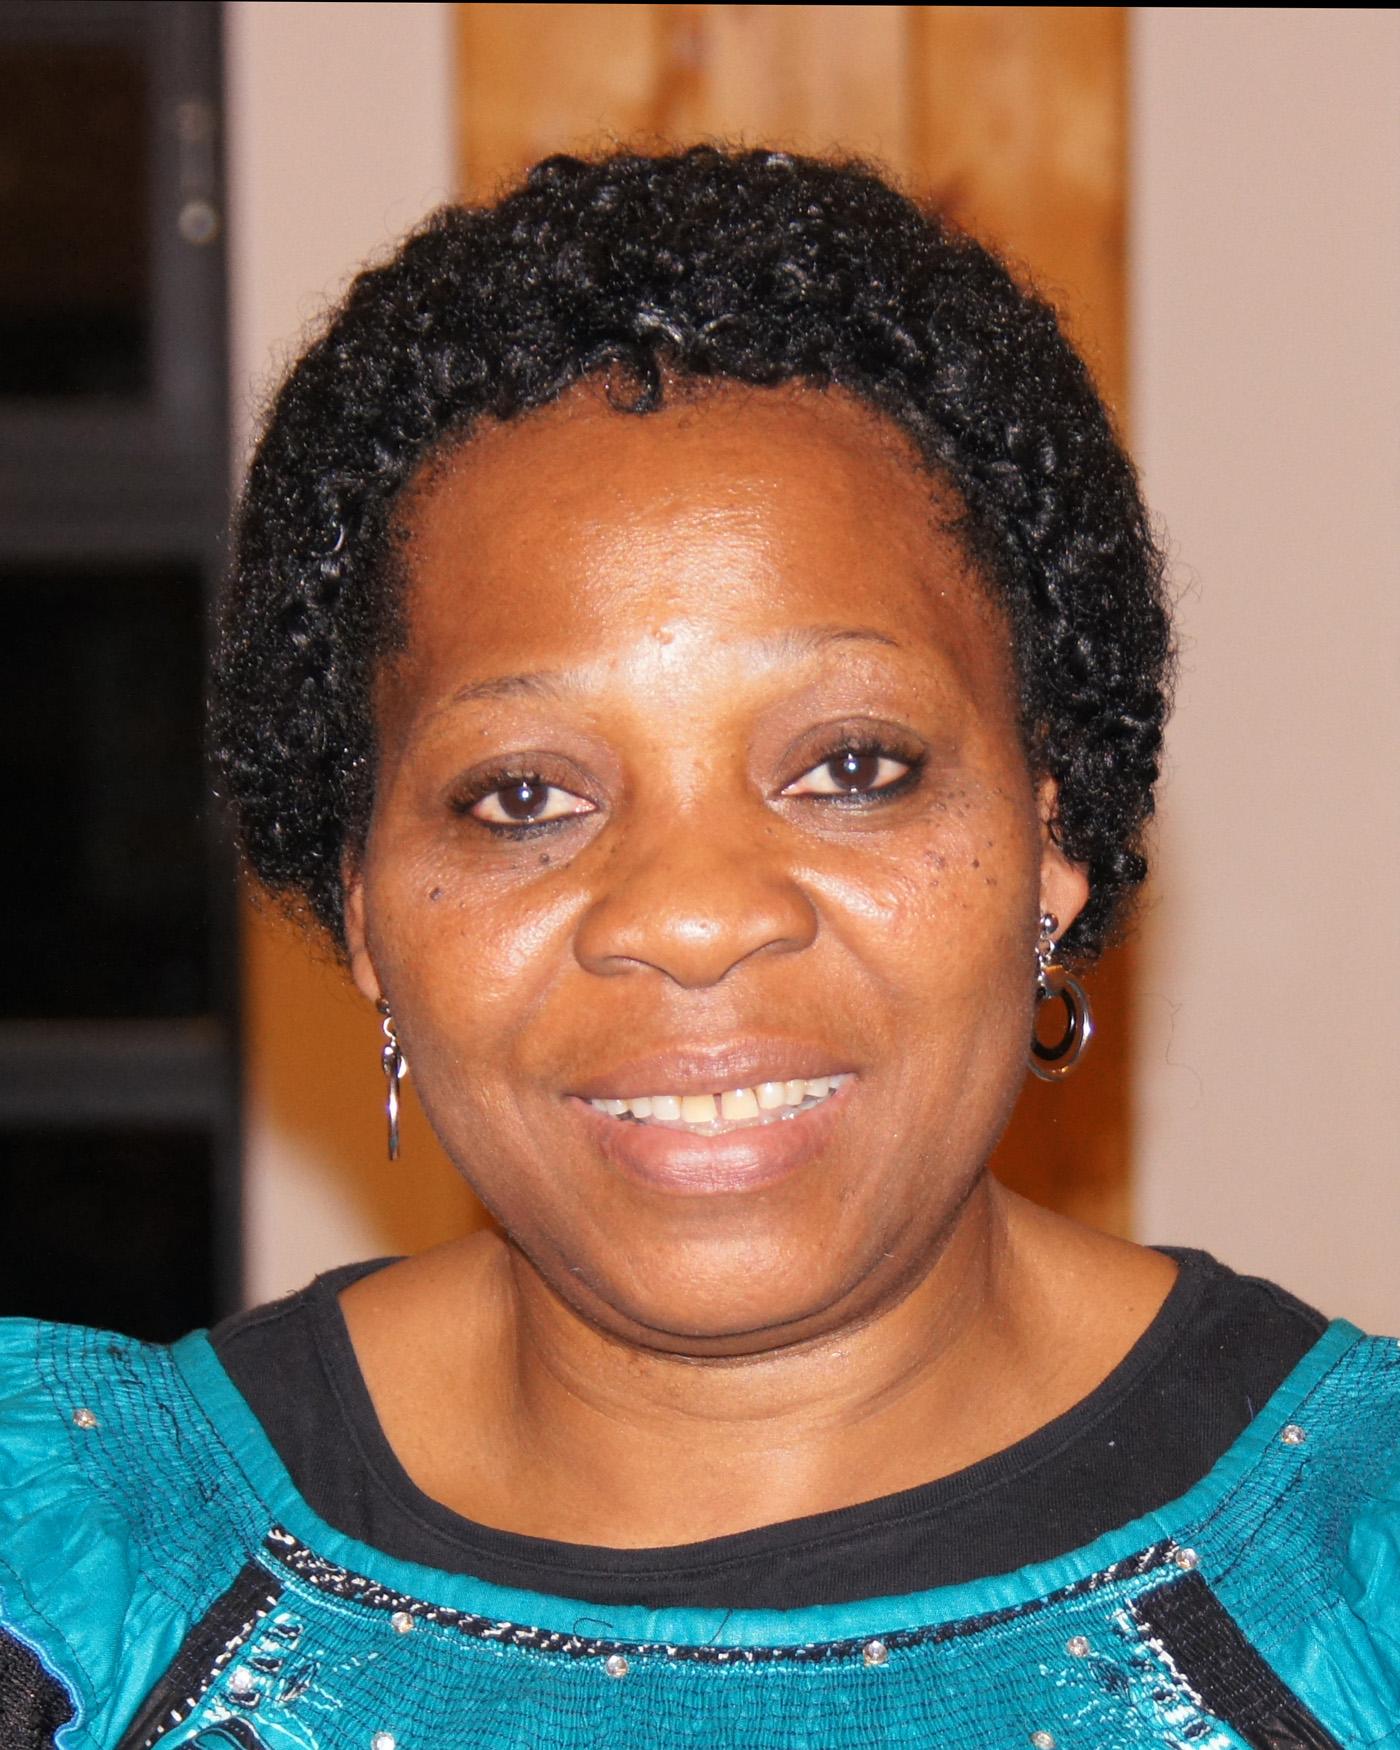 Chinwe Azuh